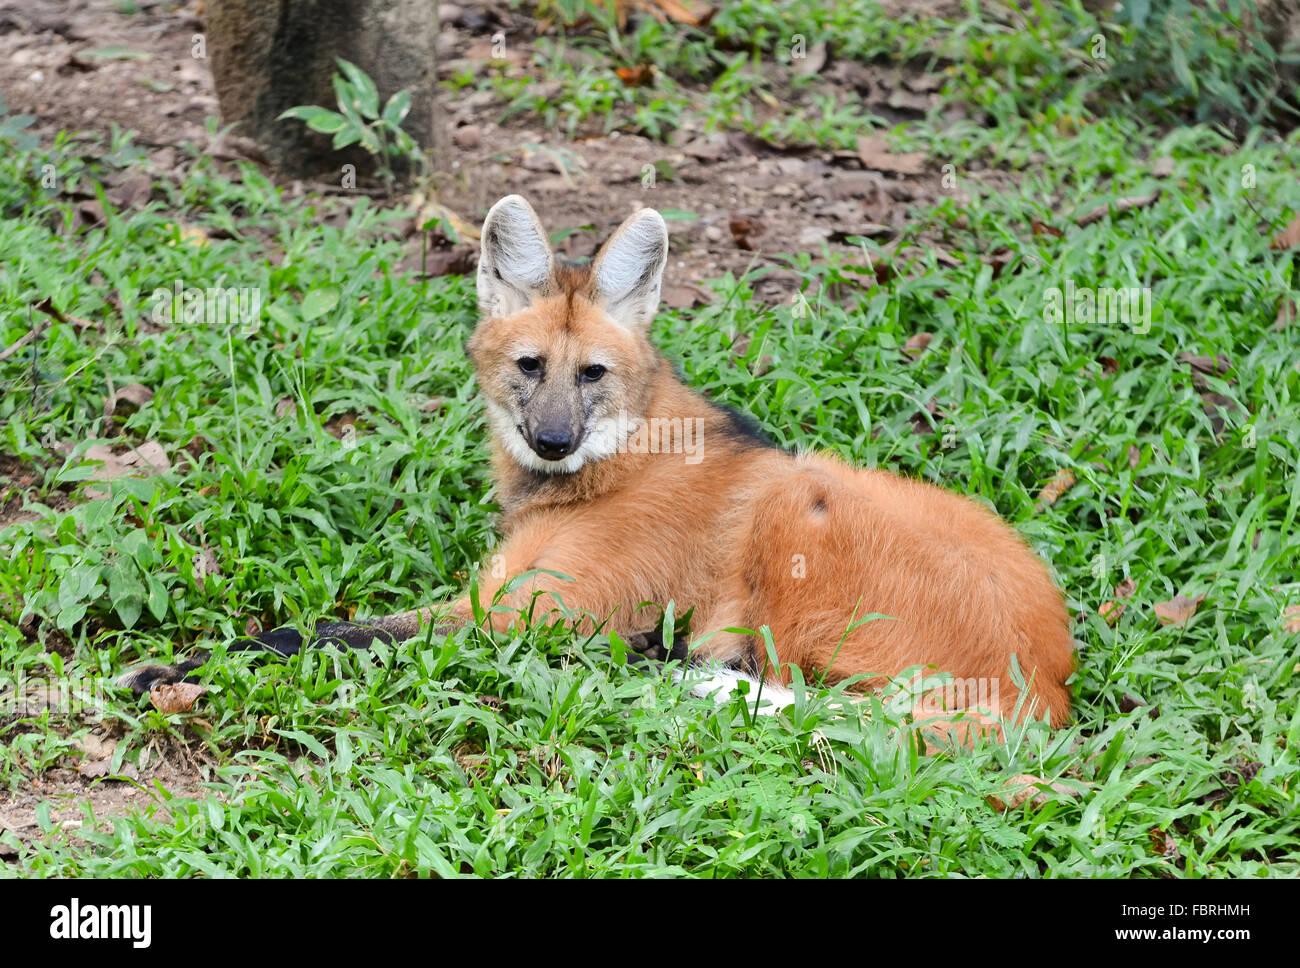 Mähnenwolf legte sich auf dem Rasen Stockbild